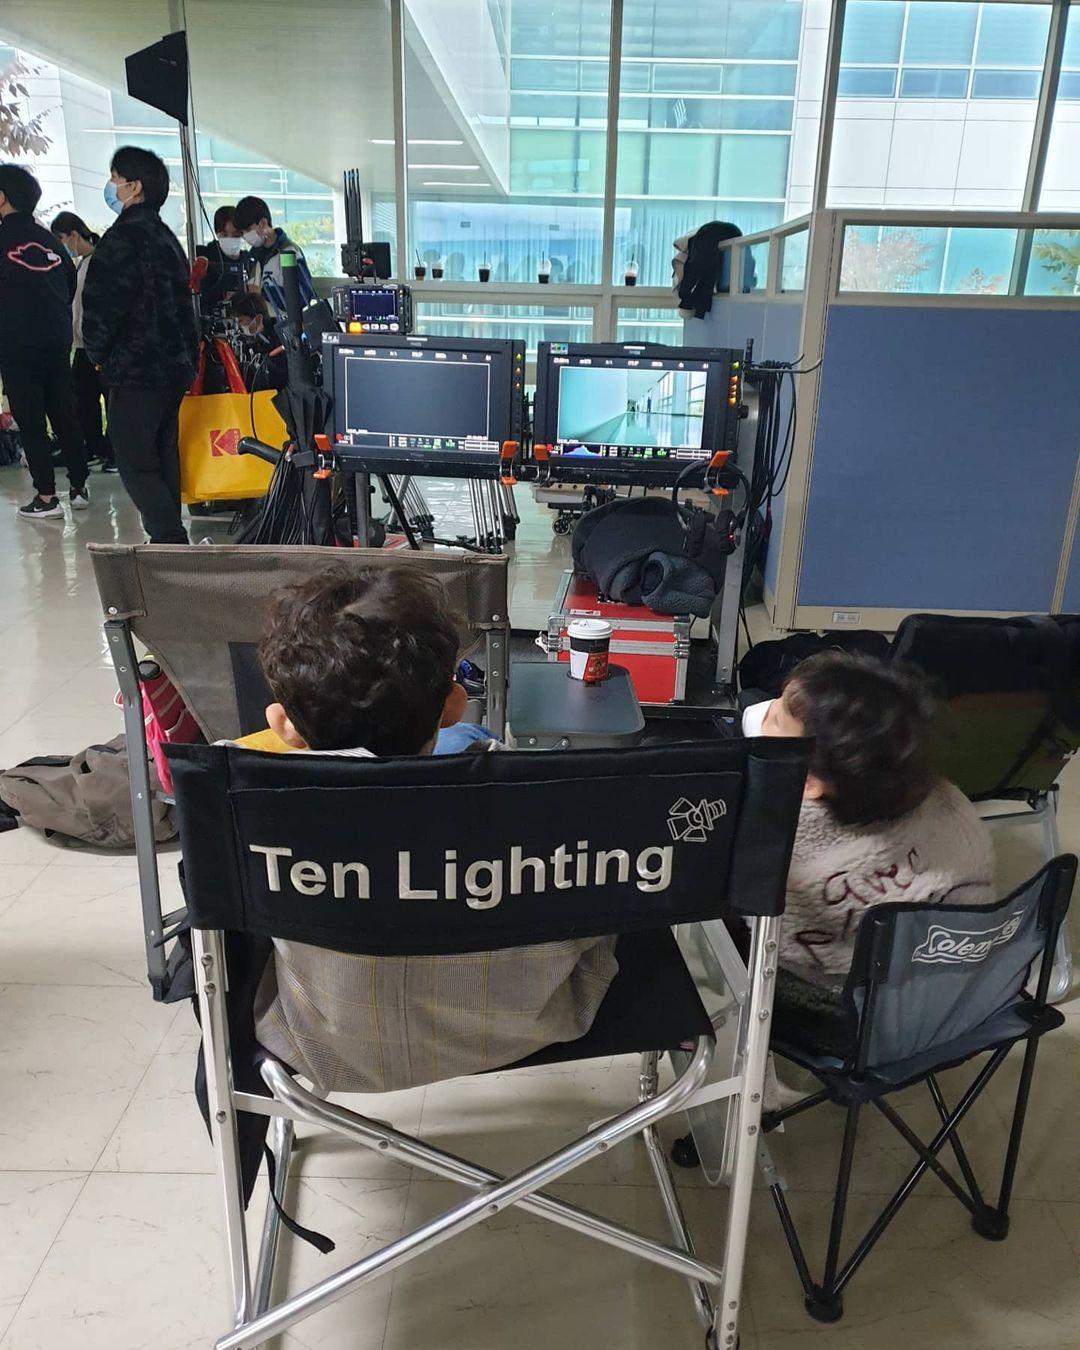 Song Joong Ki's nephews